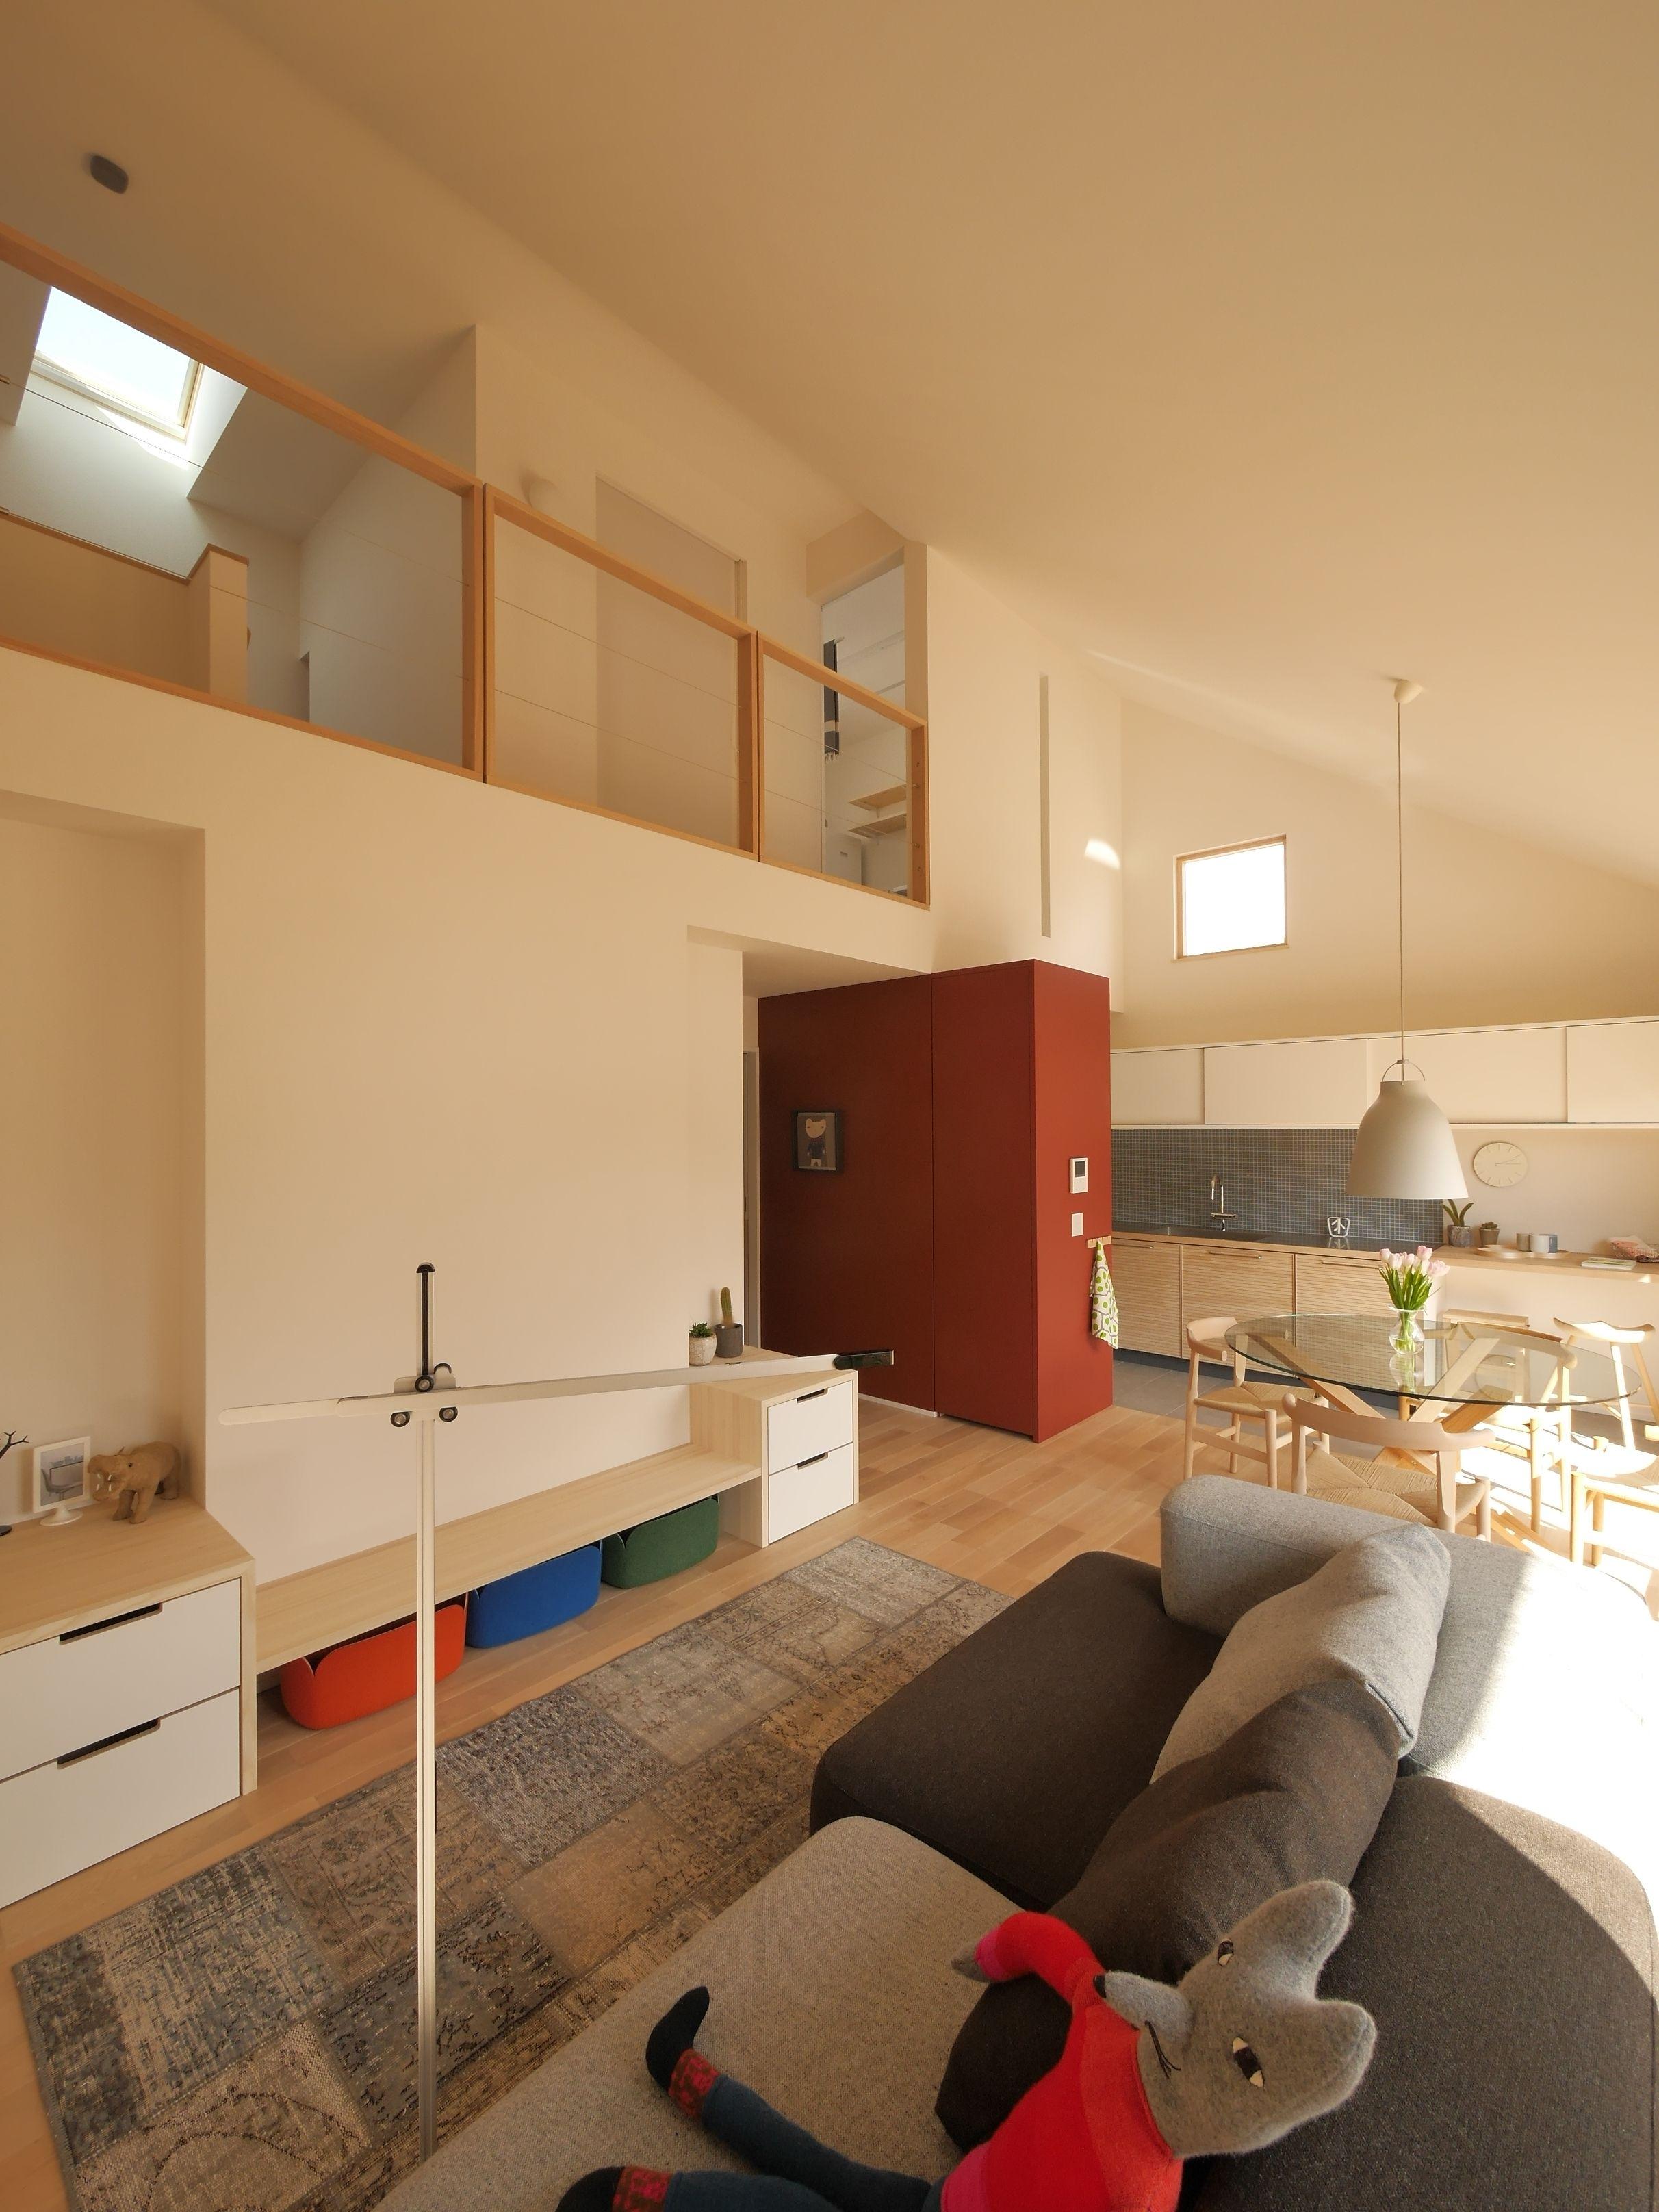 ゆとりへの家事労働軽減設計 エアコン一台で家中まるごと涼温快適を生みだす性能住宅 高断熱高気密 美容 健康 介護のために暮らしを楽しみ住み継がれる為の快適設備 唯一無二の住まいづくり計画をお伝えします 断熱 注文住宅 北欧住宅